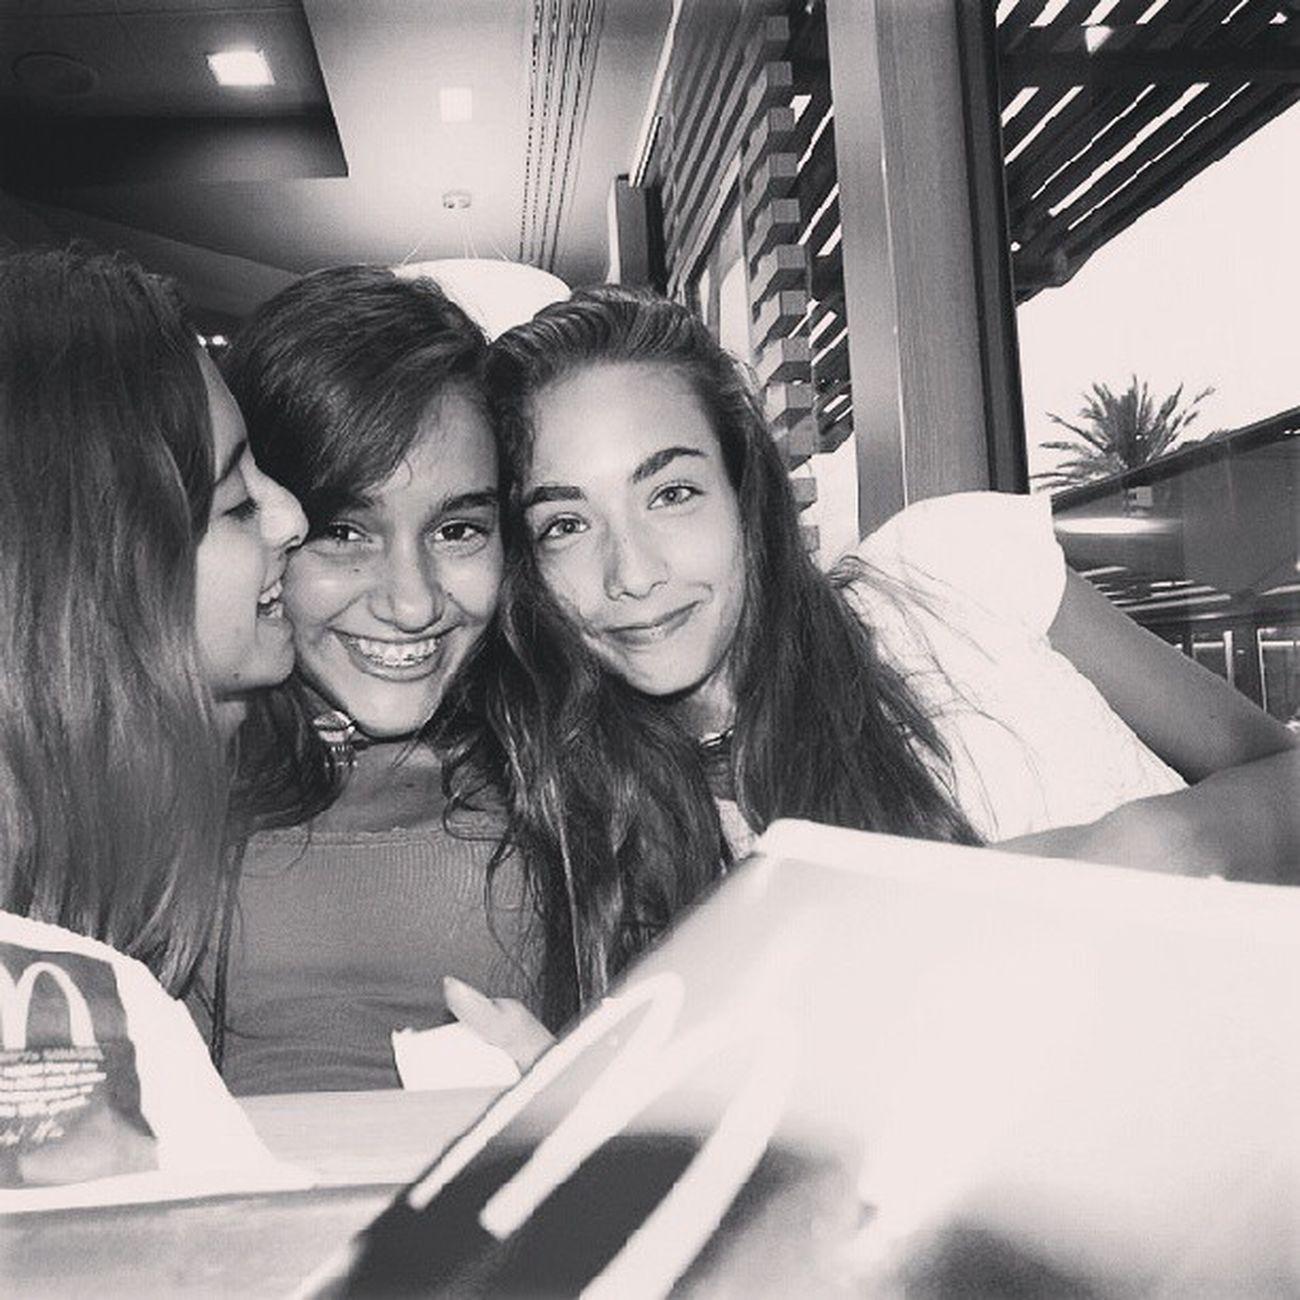 Hermanas Sisters Pcm Siempre Always Pato Cris McDonald Septiembre 2012 Summer12 Verano Enanas Peques Guapas Tonticas LasMejores